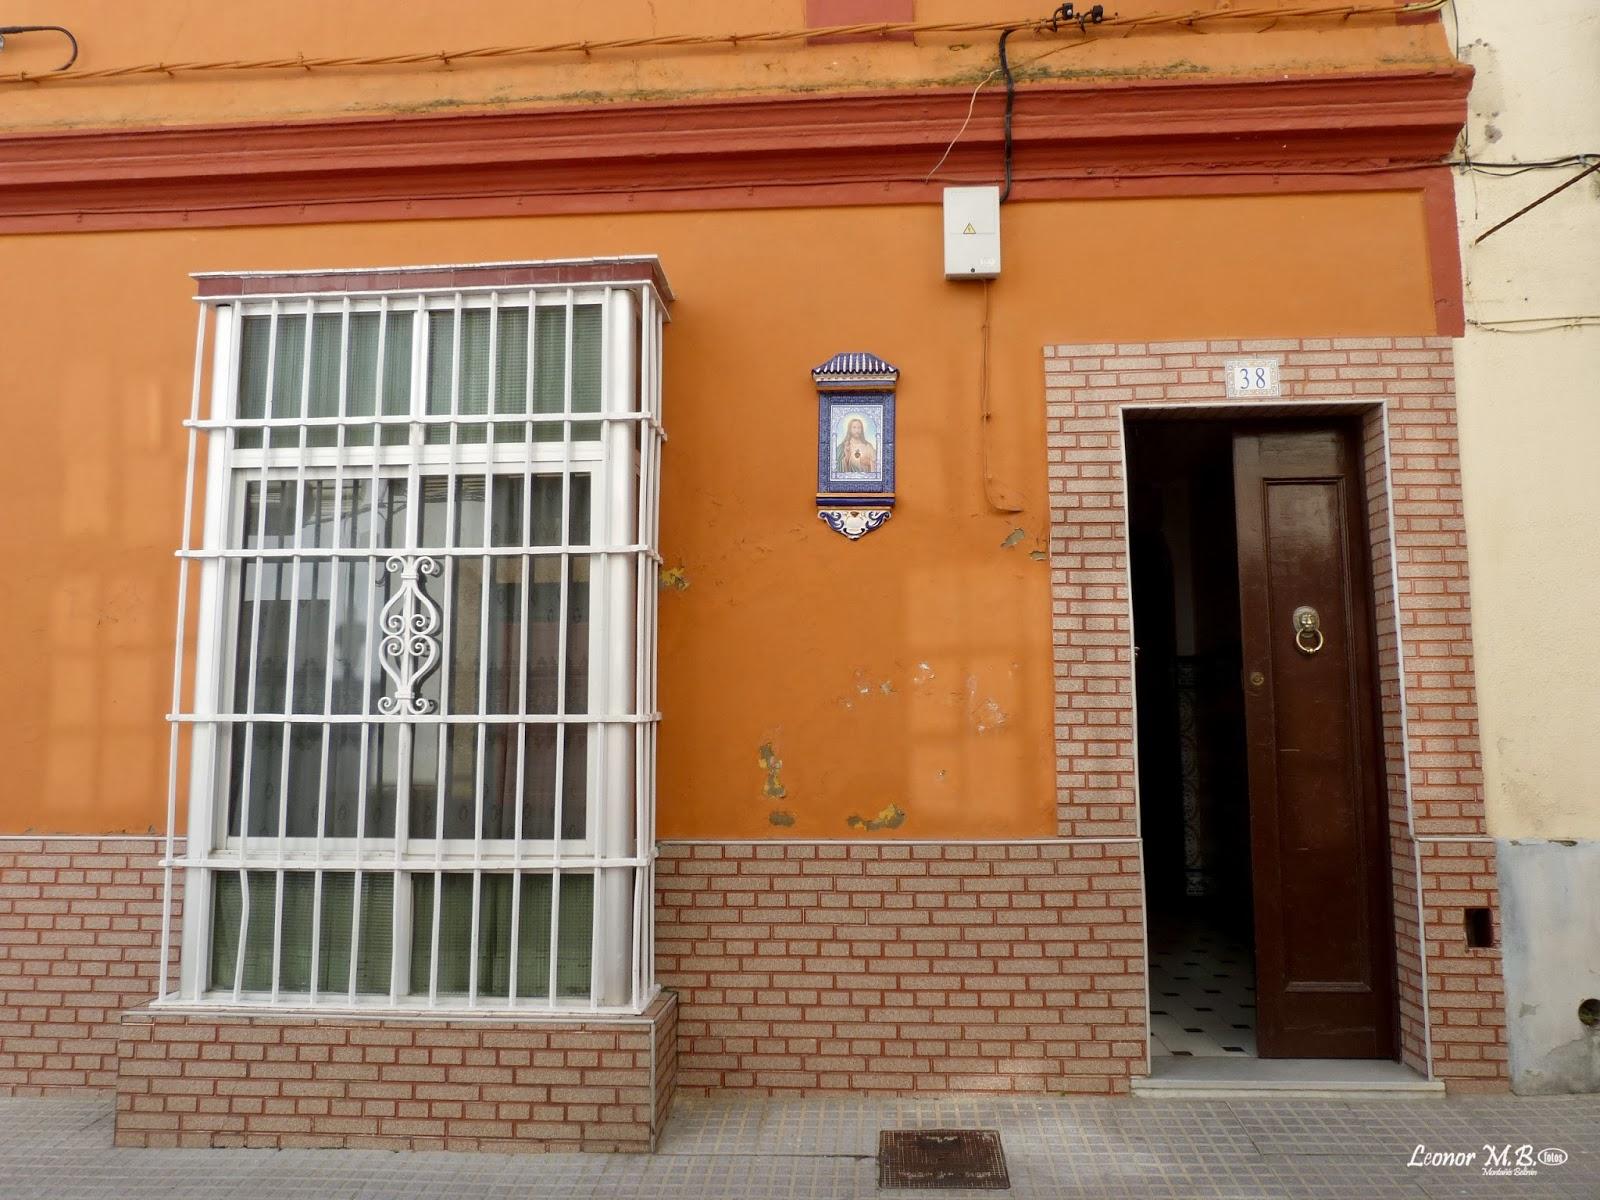 San fernando ayer y hoy y otras historias calle p rez for Fachadas con azulejo